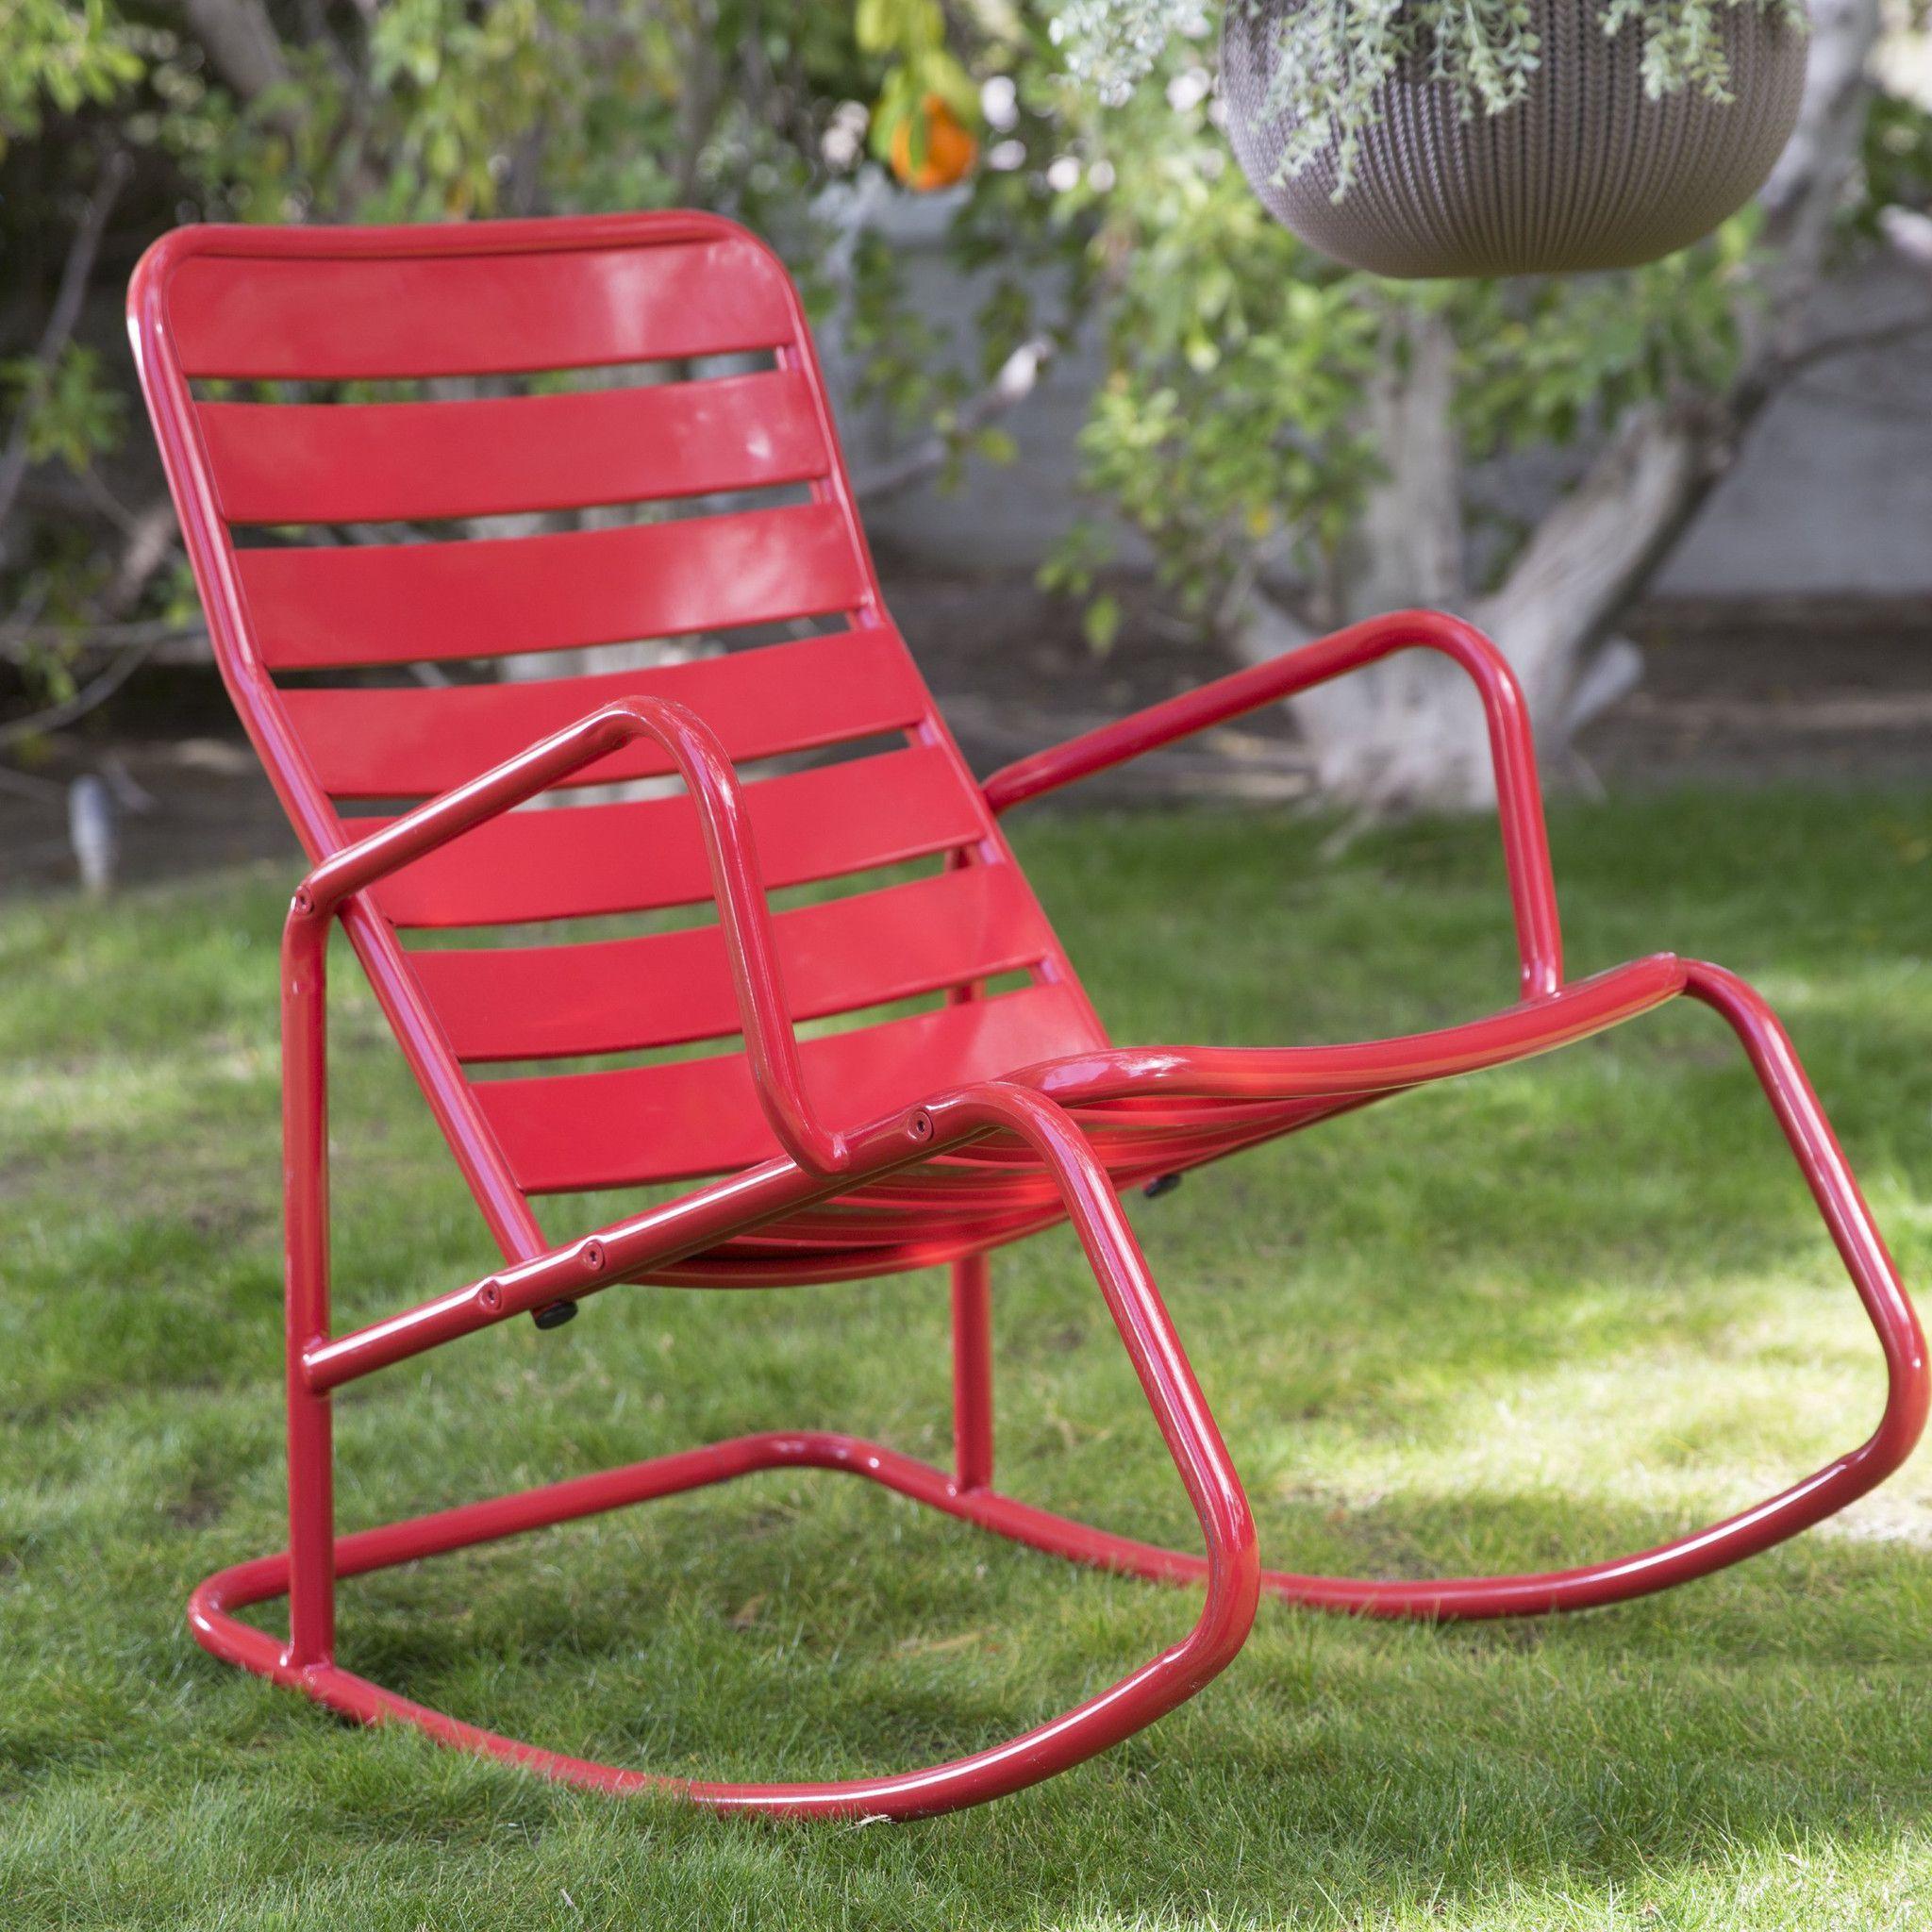 Red Metal Slat Outdoor Patio / Garden Rocking Chair